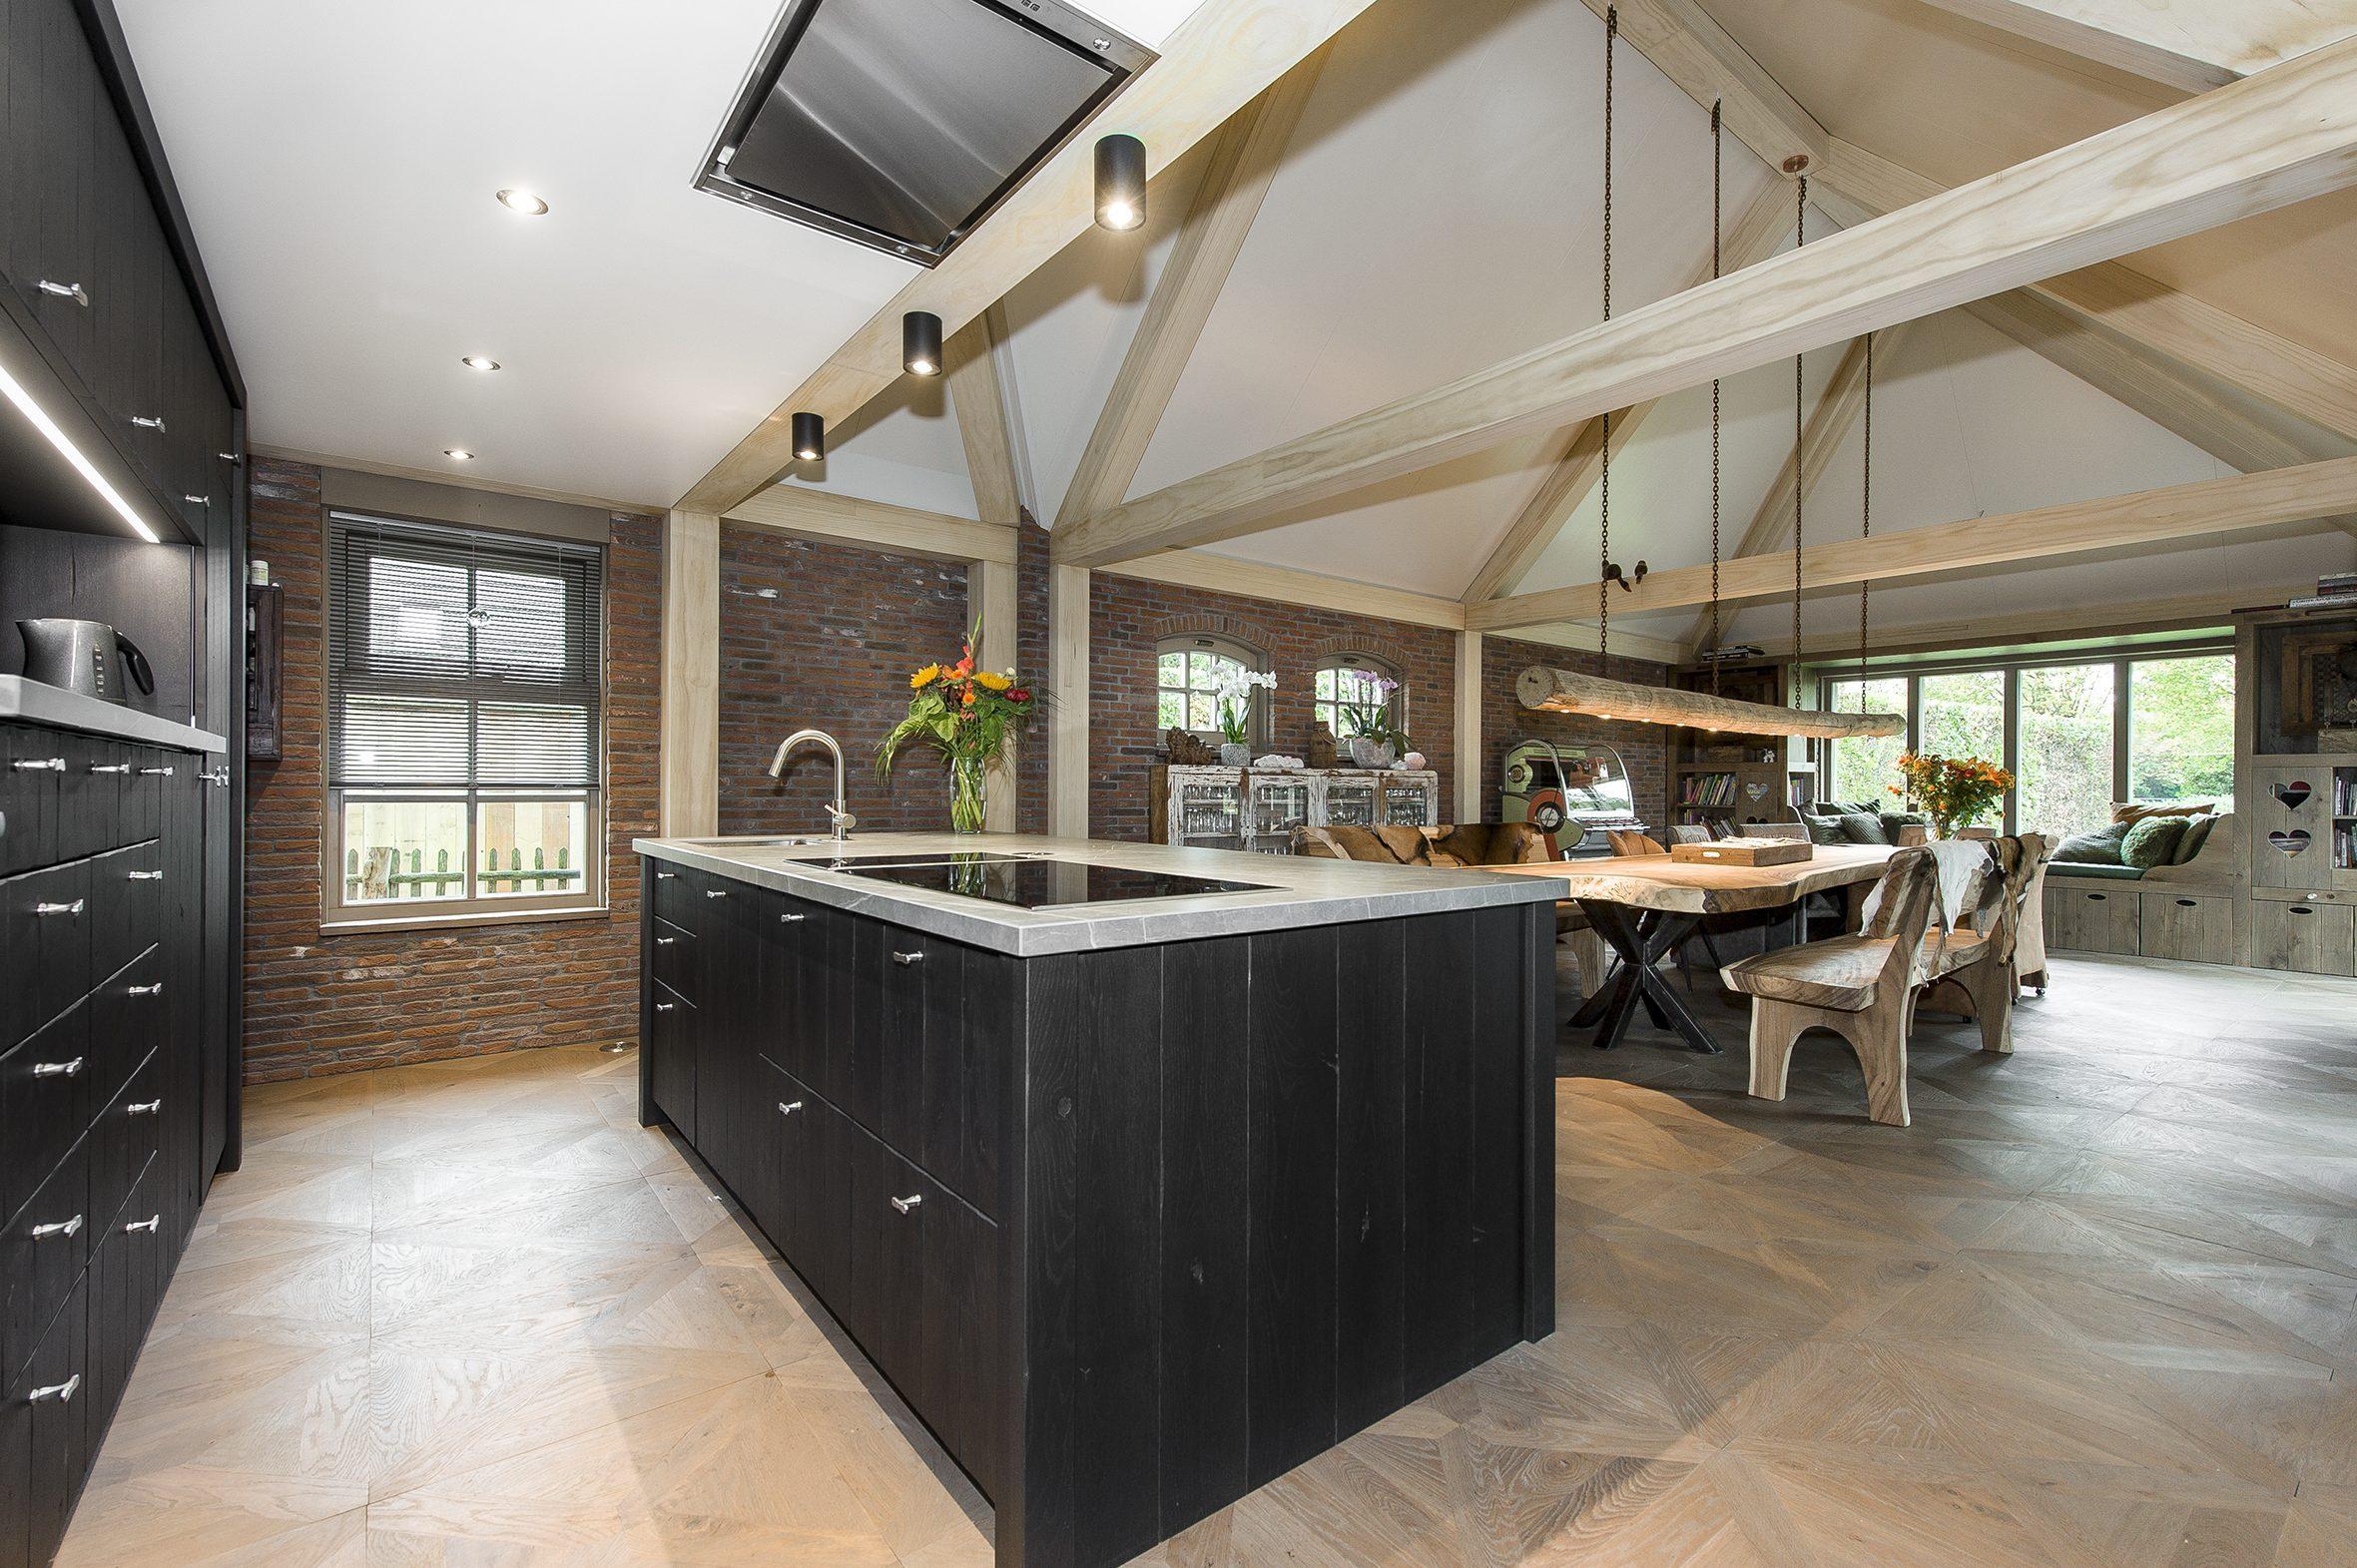 Spanplafond in een woonruimte voordelen van een spanplafond is dat het makkelijk is schoon te maken